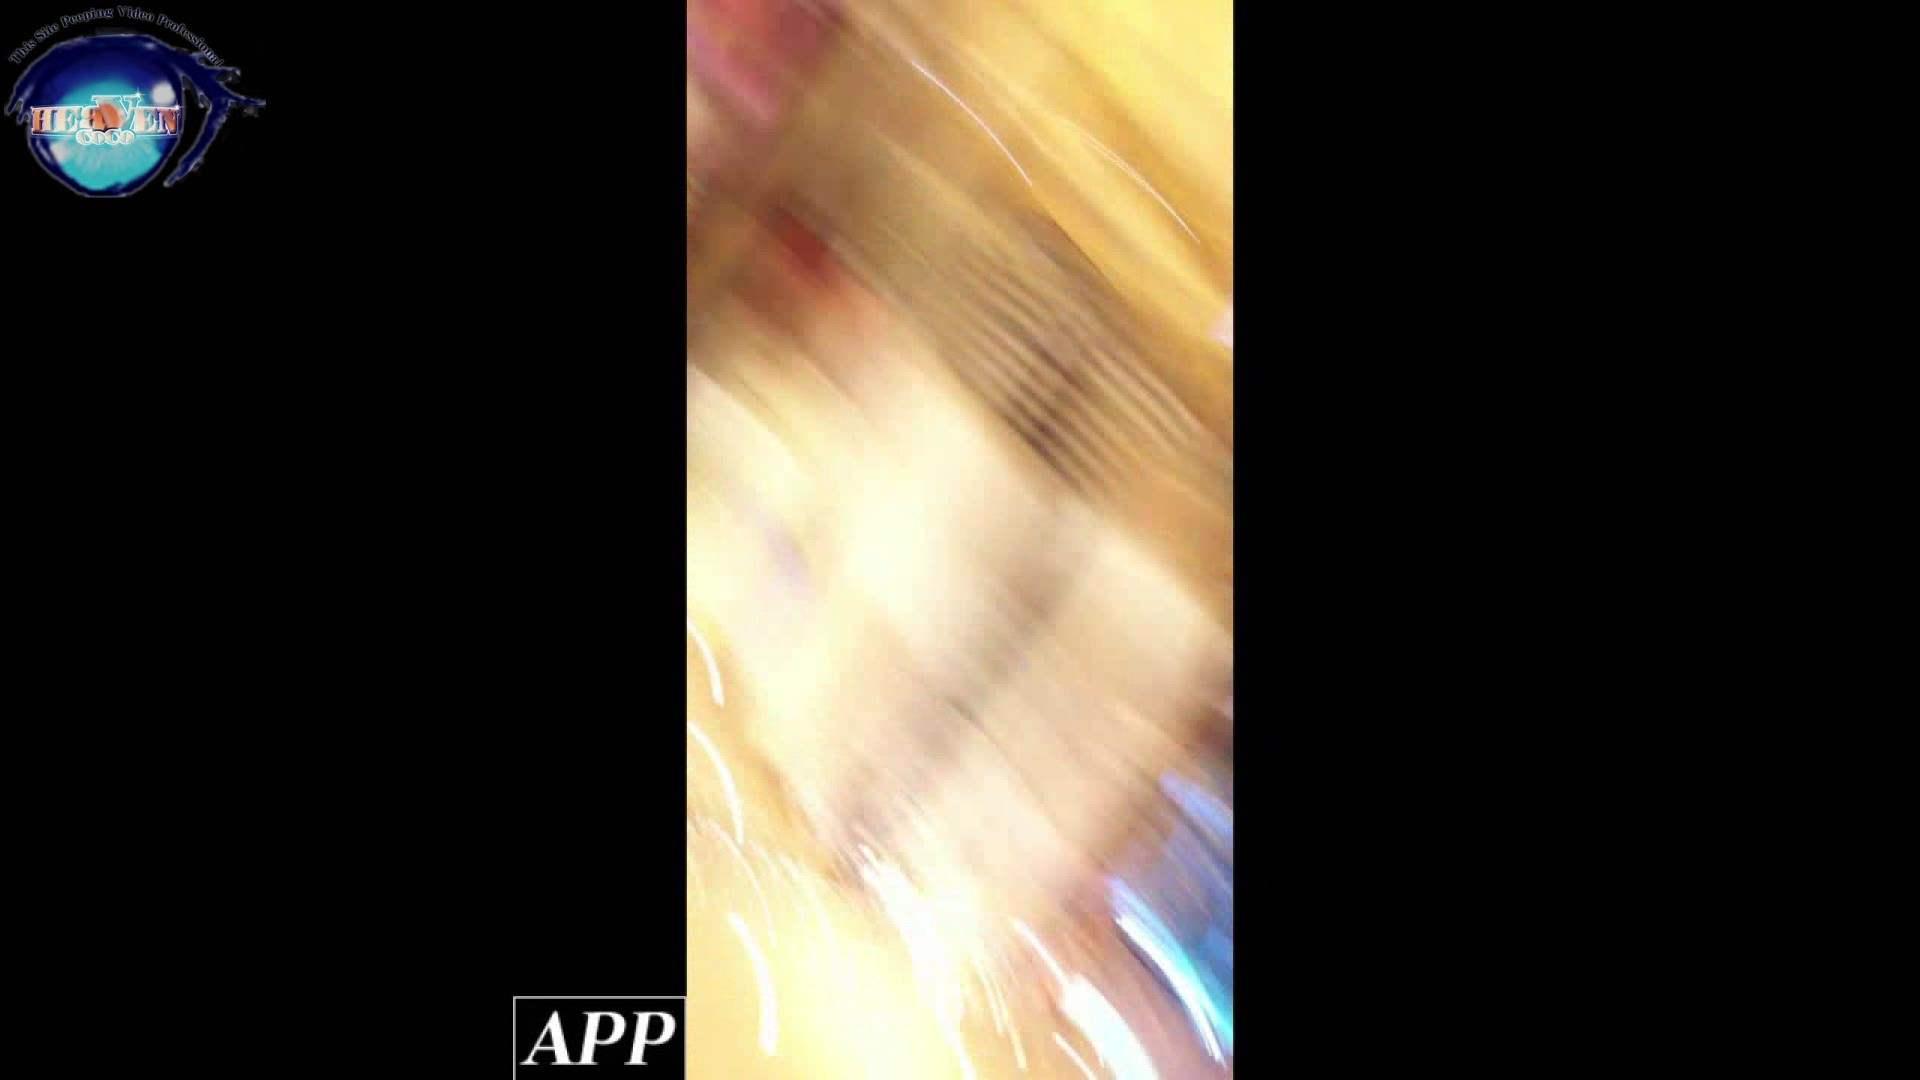 ハイビジョン盗撮!ショップ店員千人斬り!胸チラ編 vol.66 OLのエロ生活 | チクビ  81連発 55